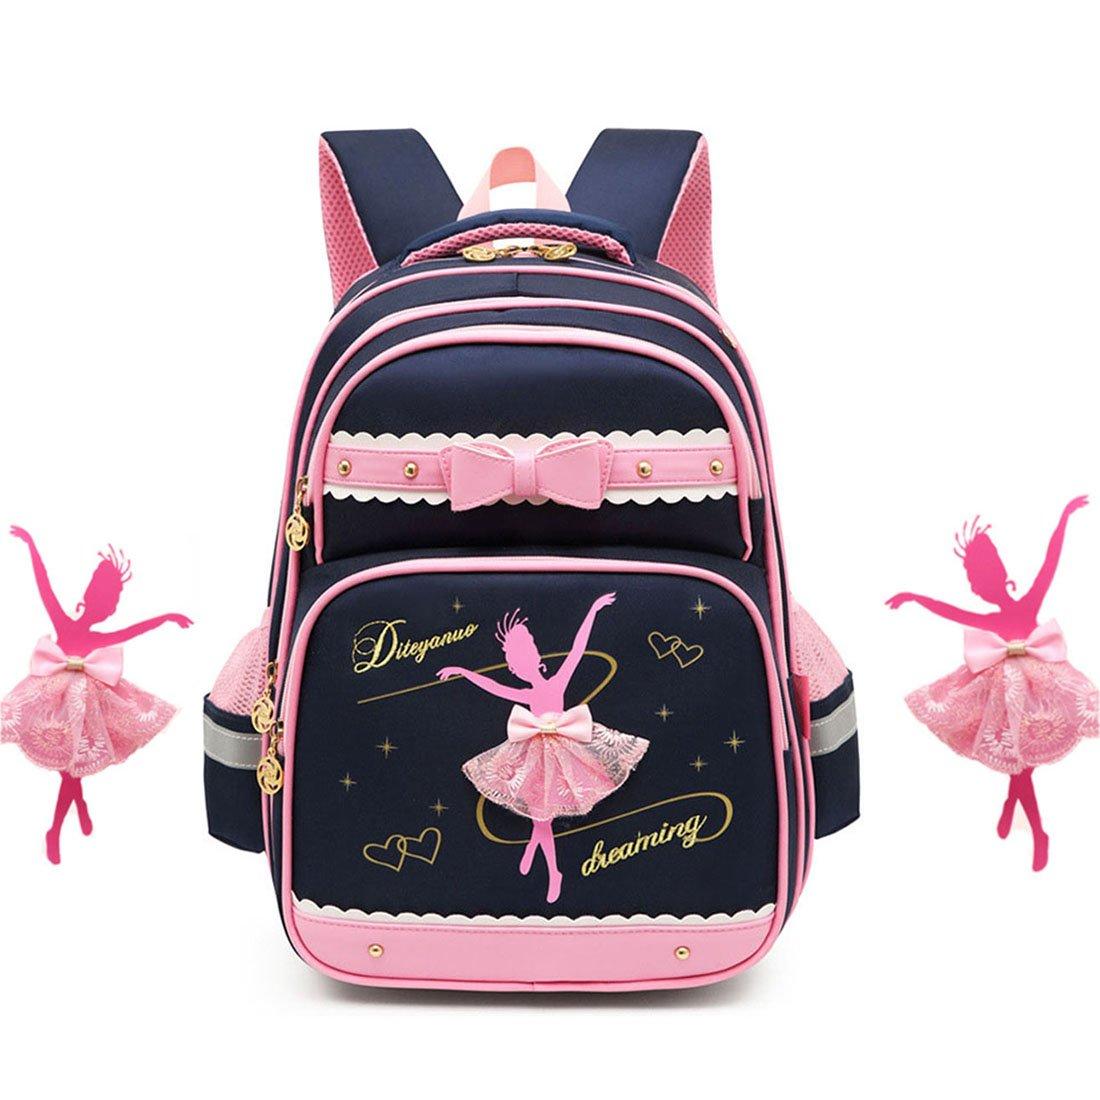 Debbieicy Cute Ballet Dance Girl Waterproof Backpack Princess School Bag for Girls